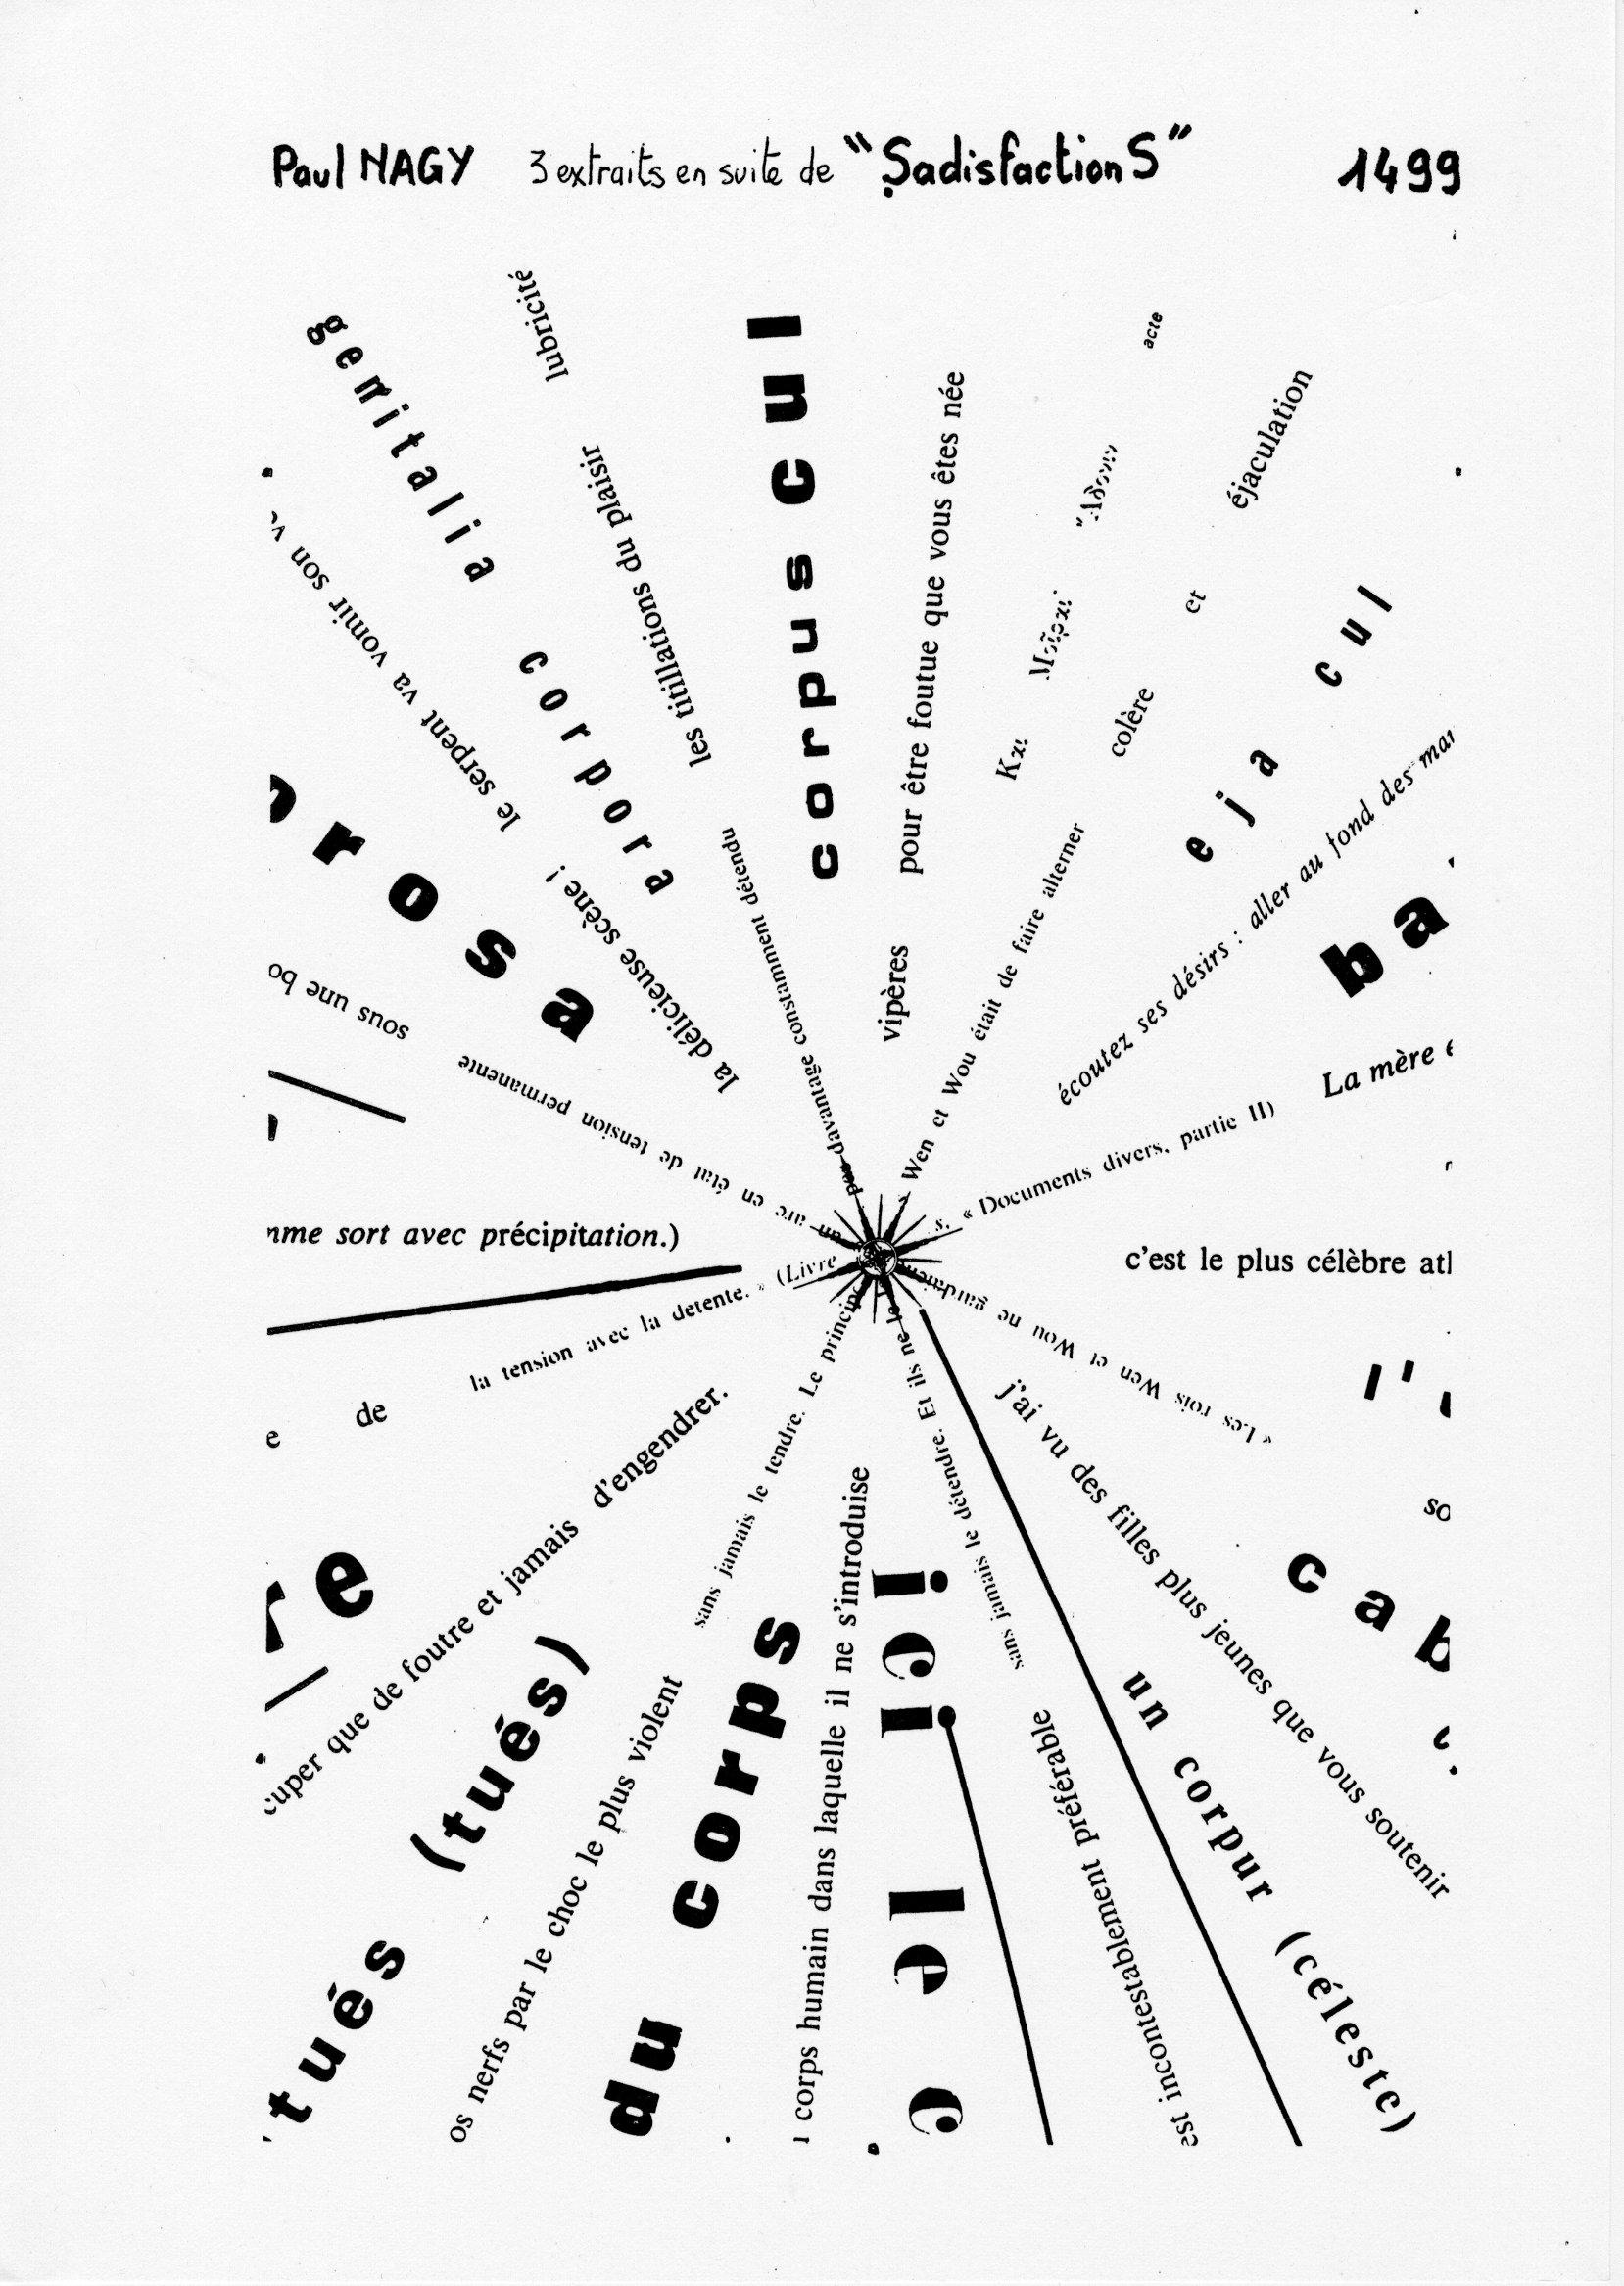 page 1499 P. Nagy 3 extraits en suite de SadisfactionS